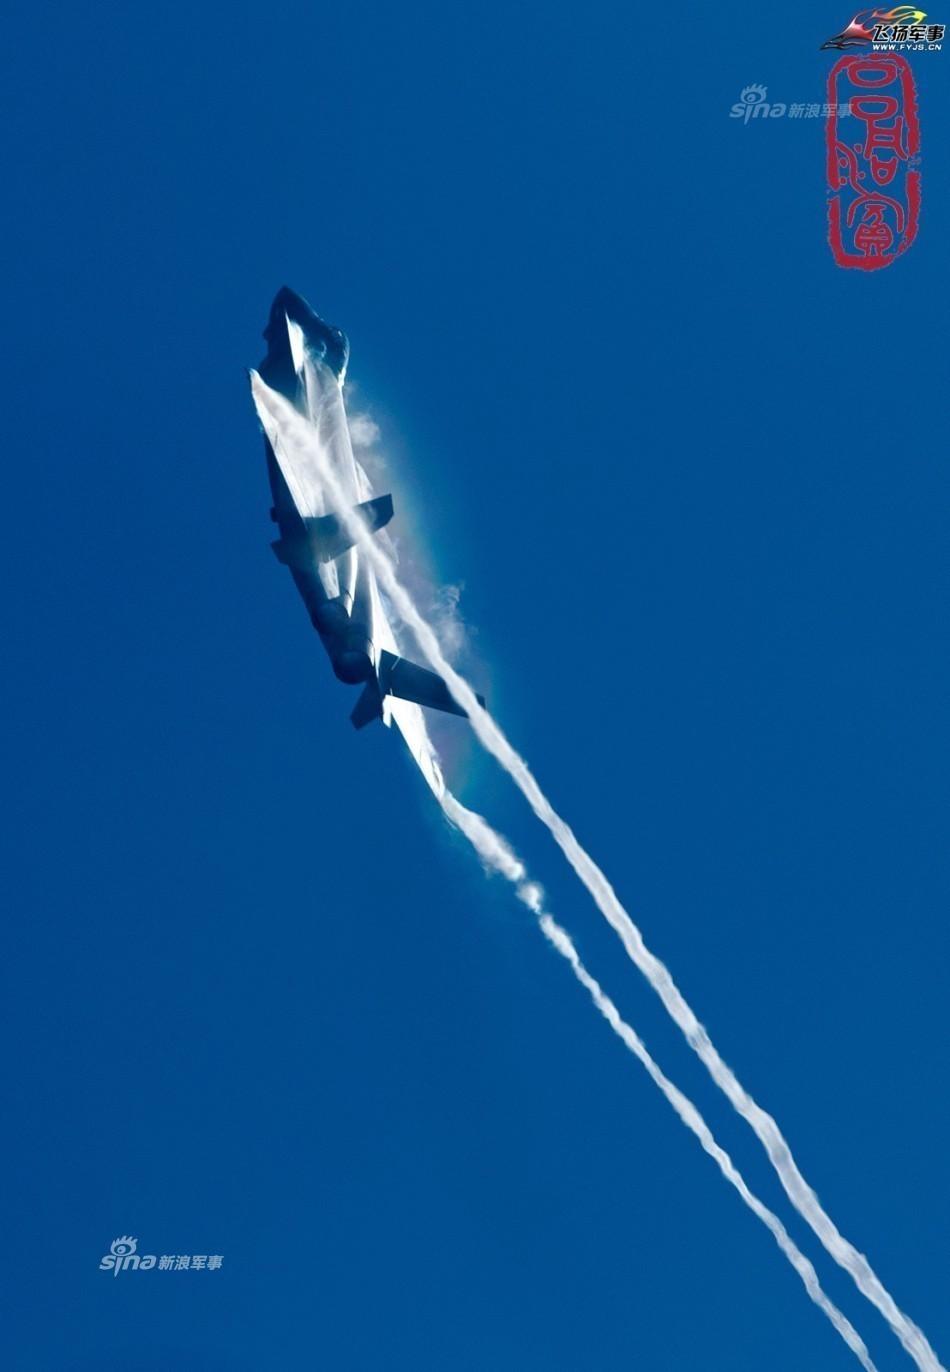 绚丽涡流:量产歼20试飞展现完美气动